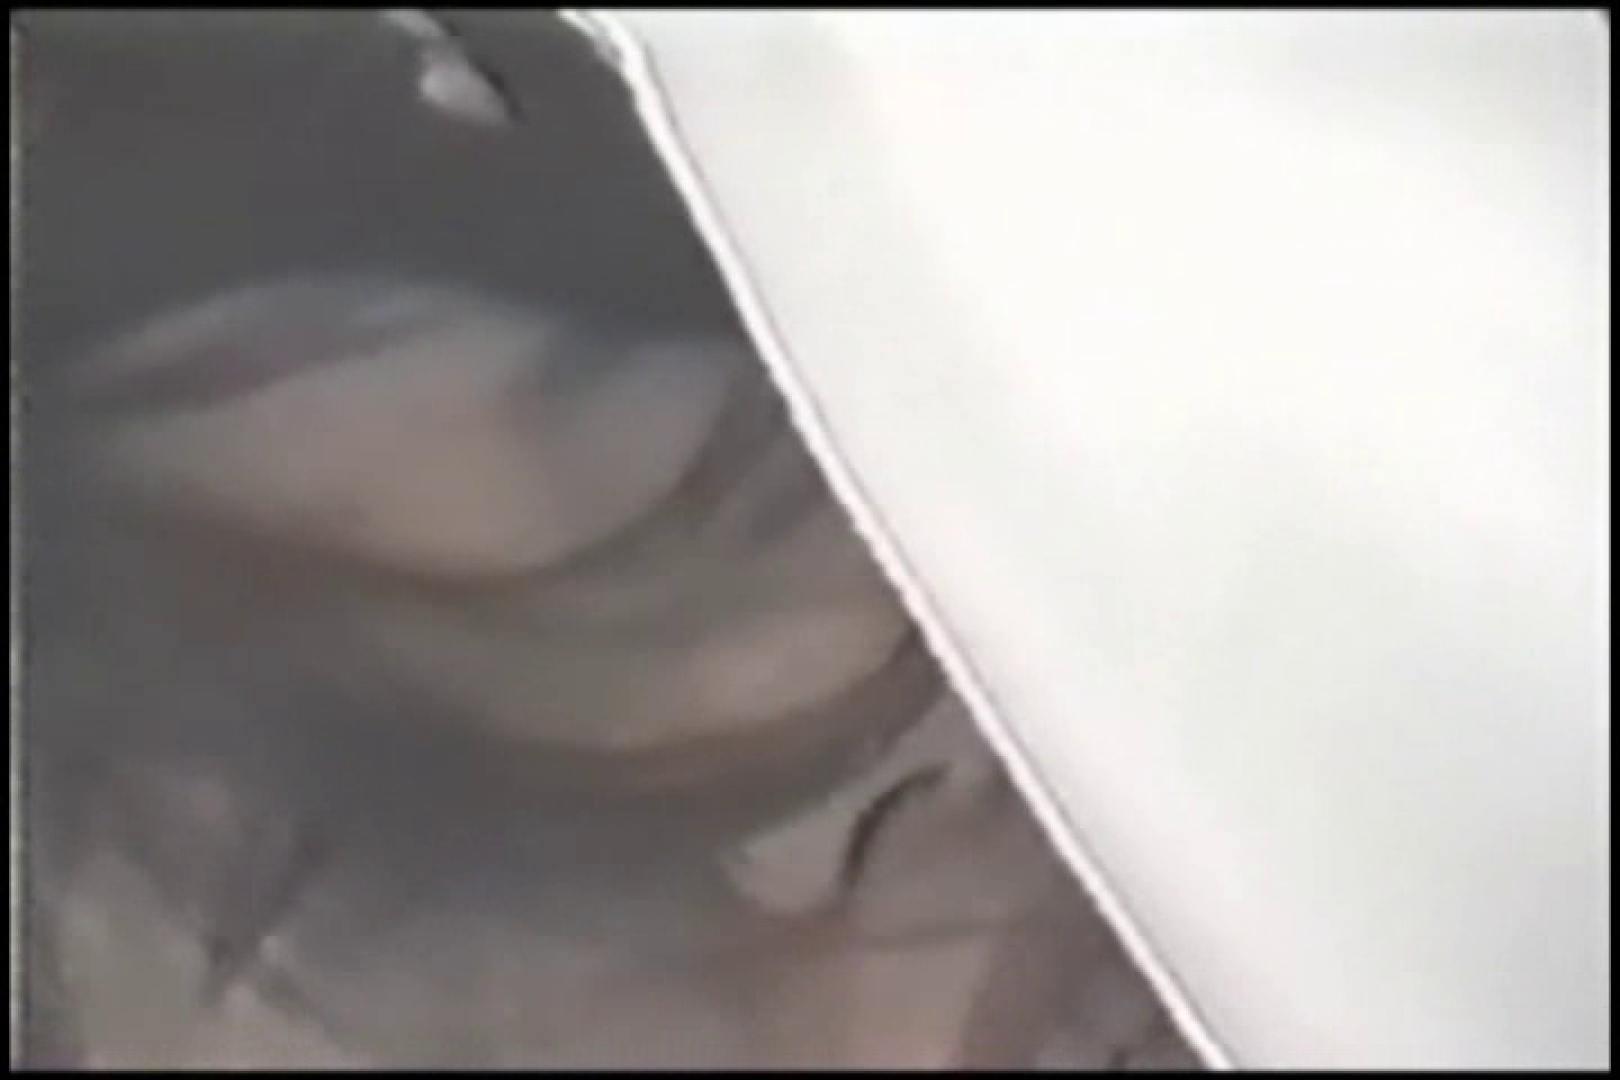 前後不覚に酔っている女を撮影する鬼畜親父 ホテル | 鬼畜  83連発 57